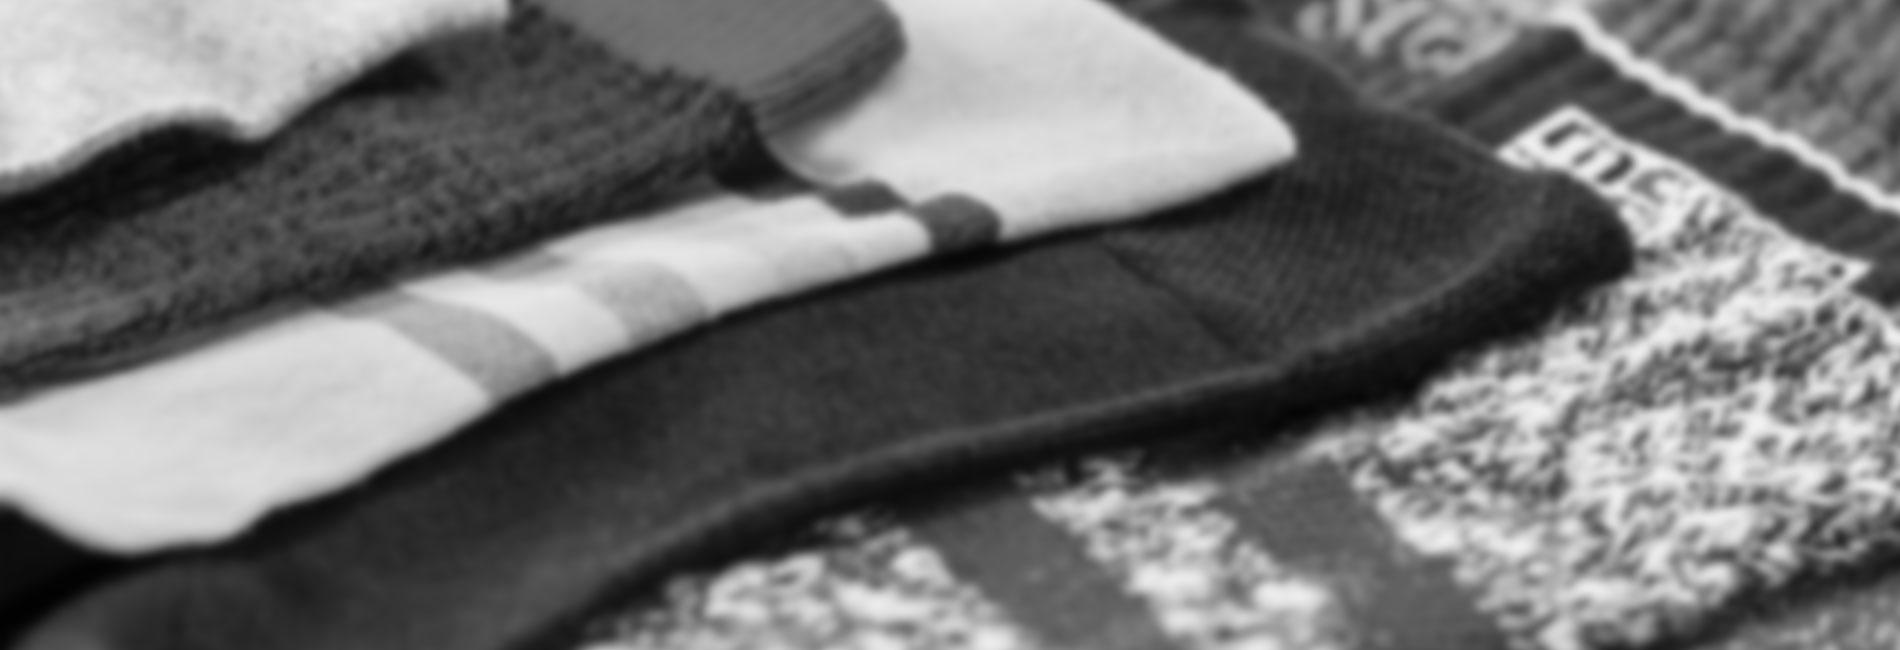 Strumpfwaren von HTG - Ihren Textilexperten